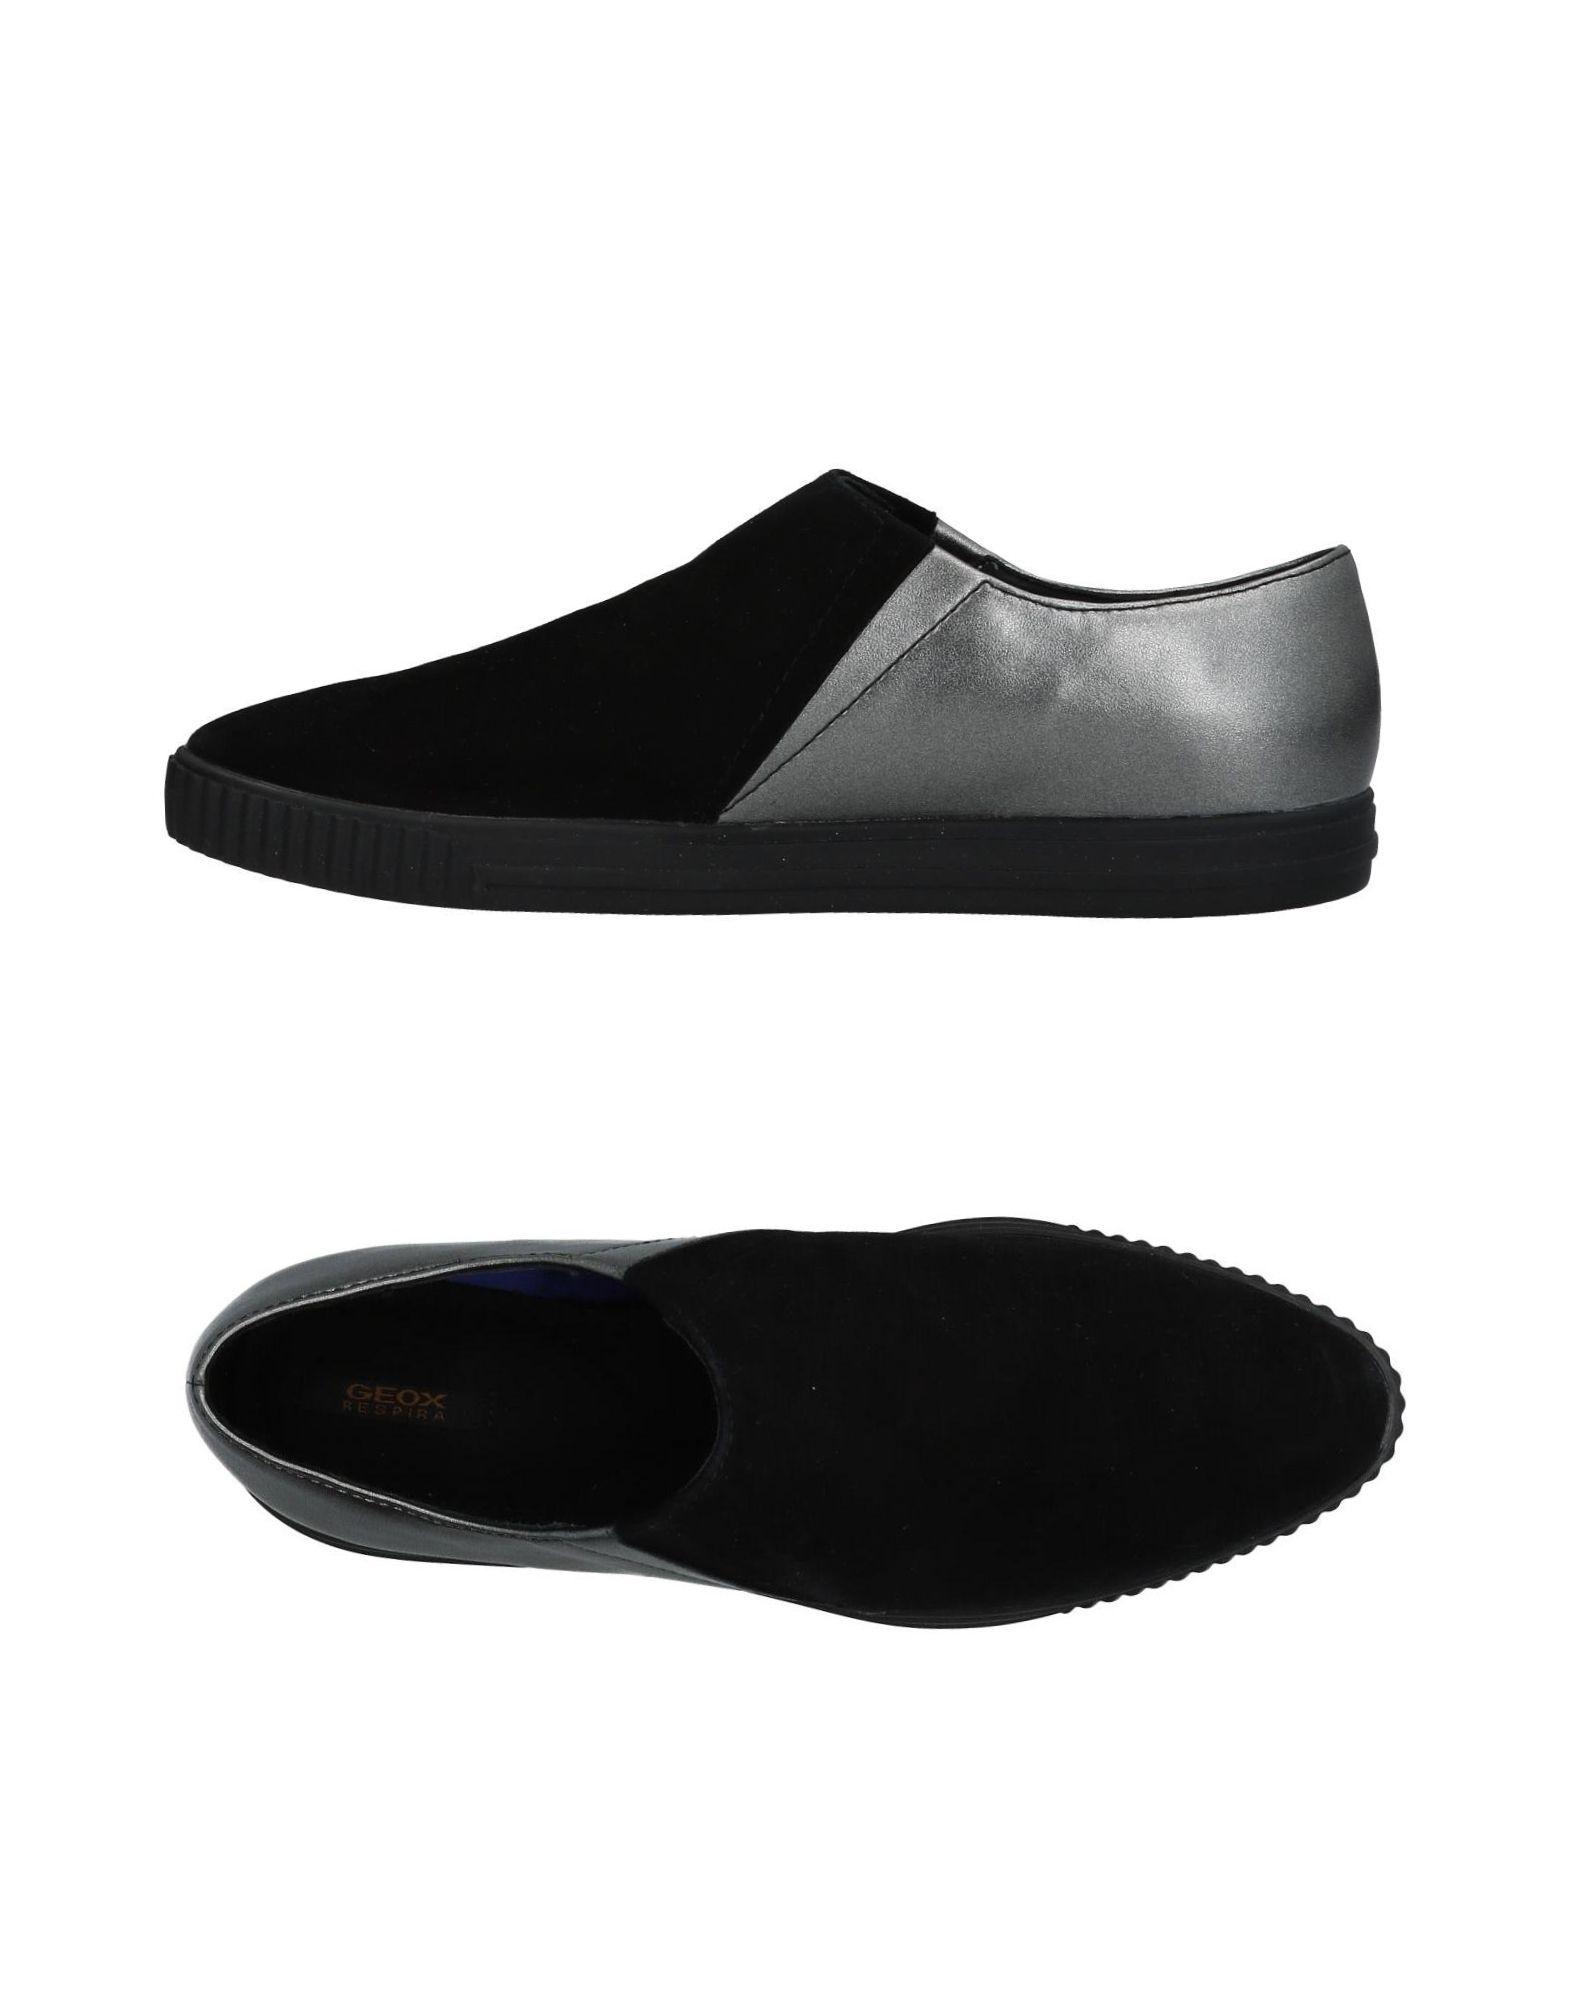 Geox Sneakers Damen  11414416VX Gute Qualität beliebte Schuhe